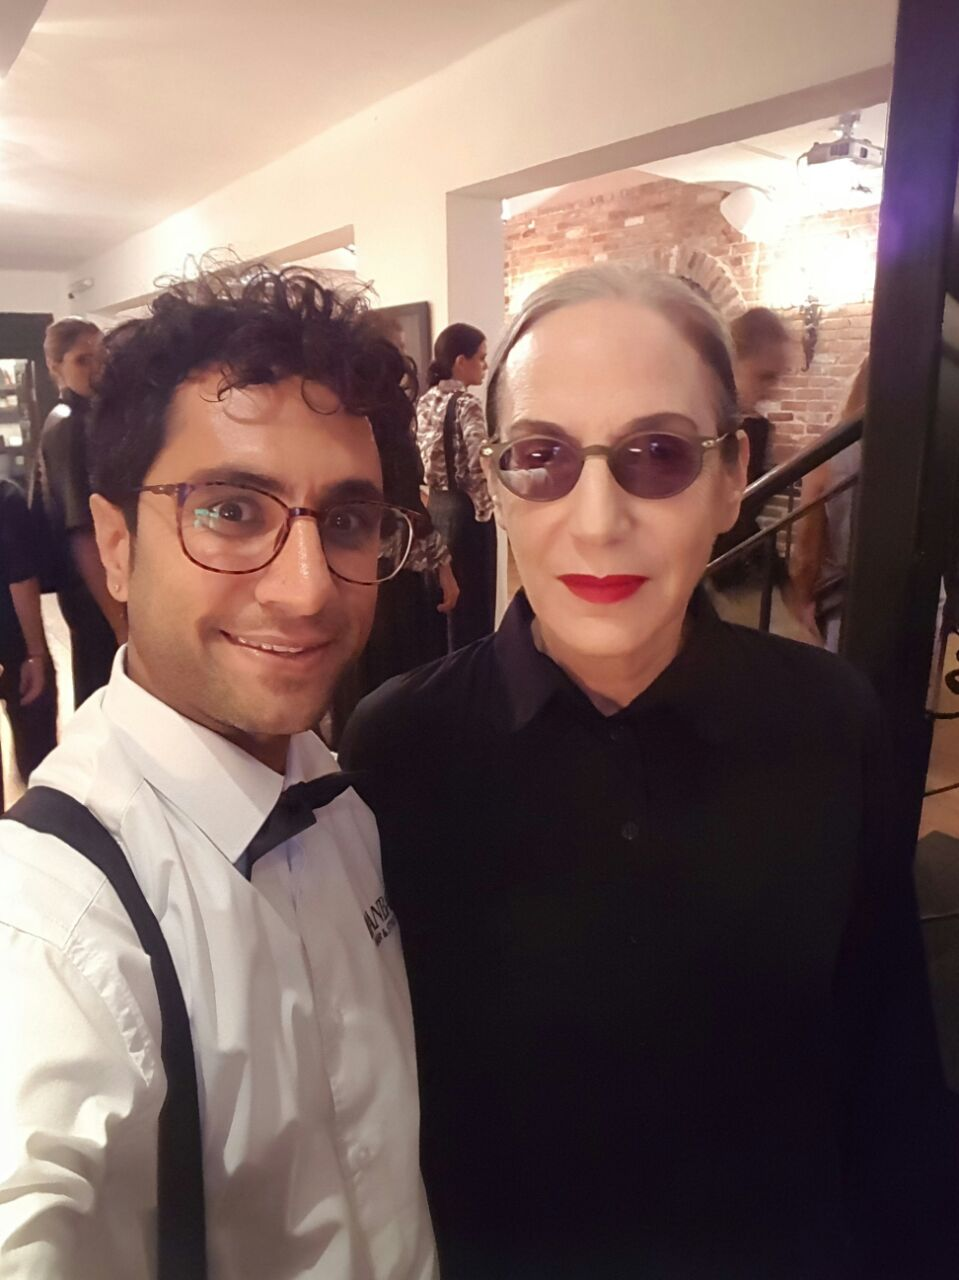 מעצב השעיר עידן בר עושה כבוד לנשות אופנה יהודיות